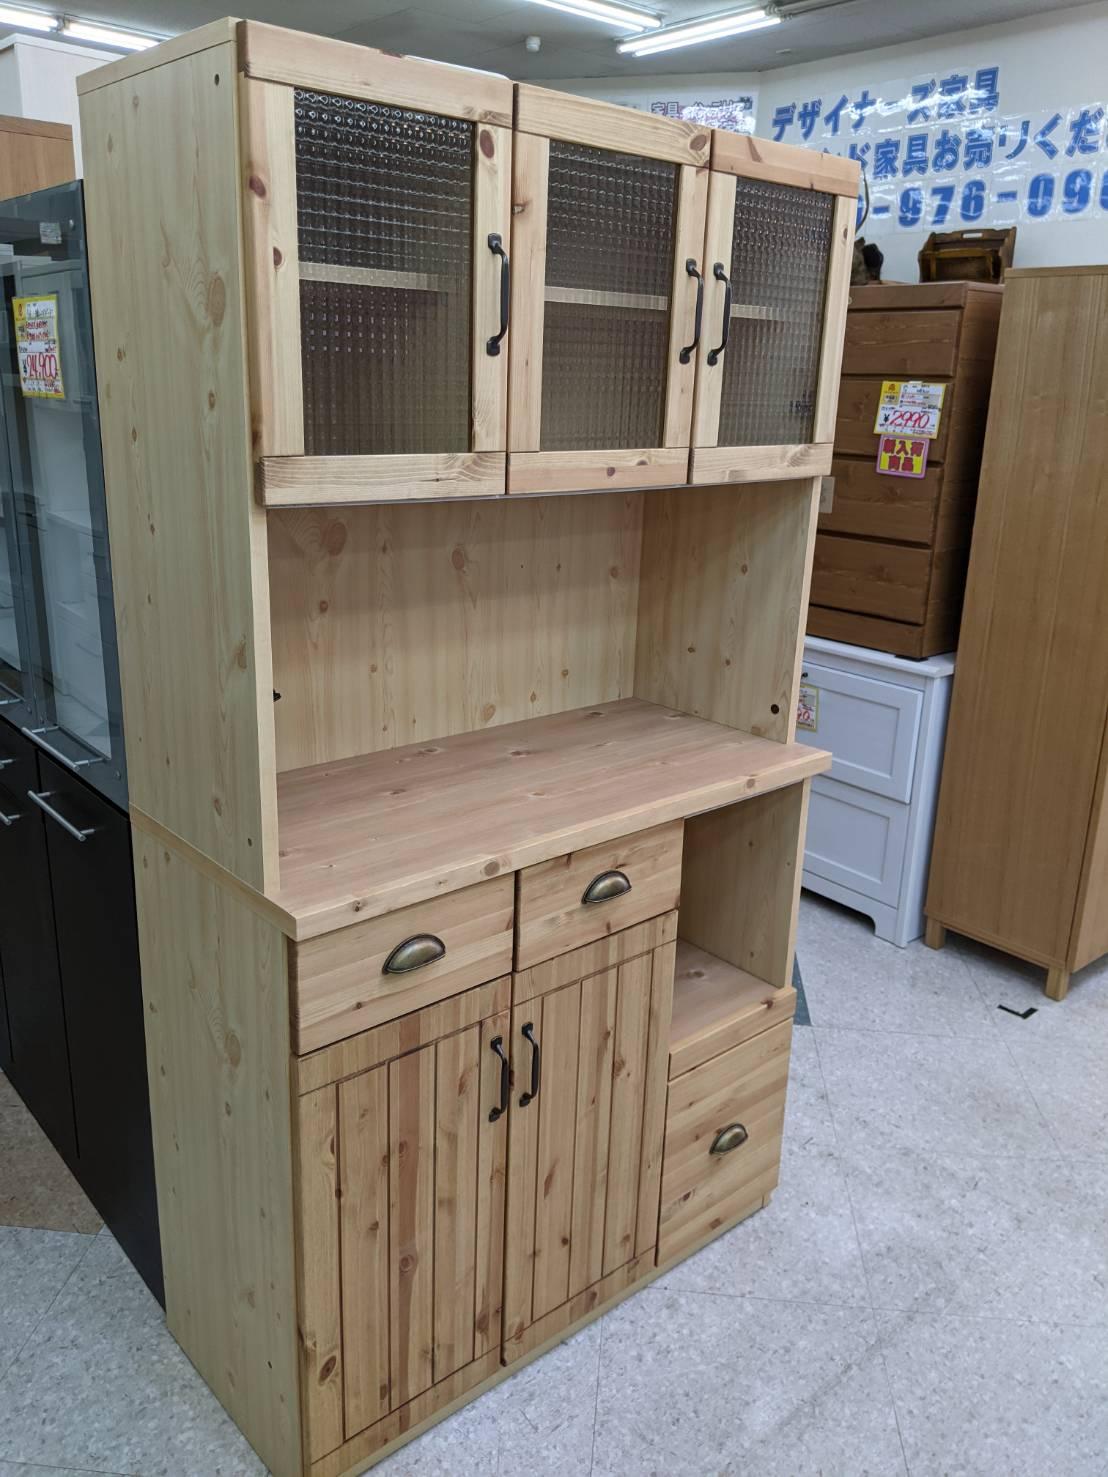 【大川家具/カントリー調3面レンジボード/パピヨン/パイン材】お買取させて頂きました。の買取-